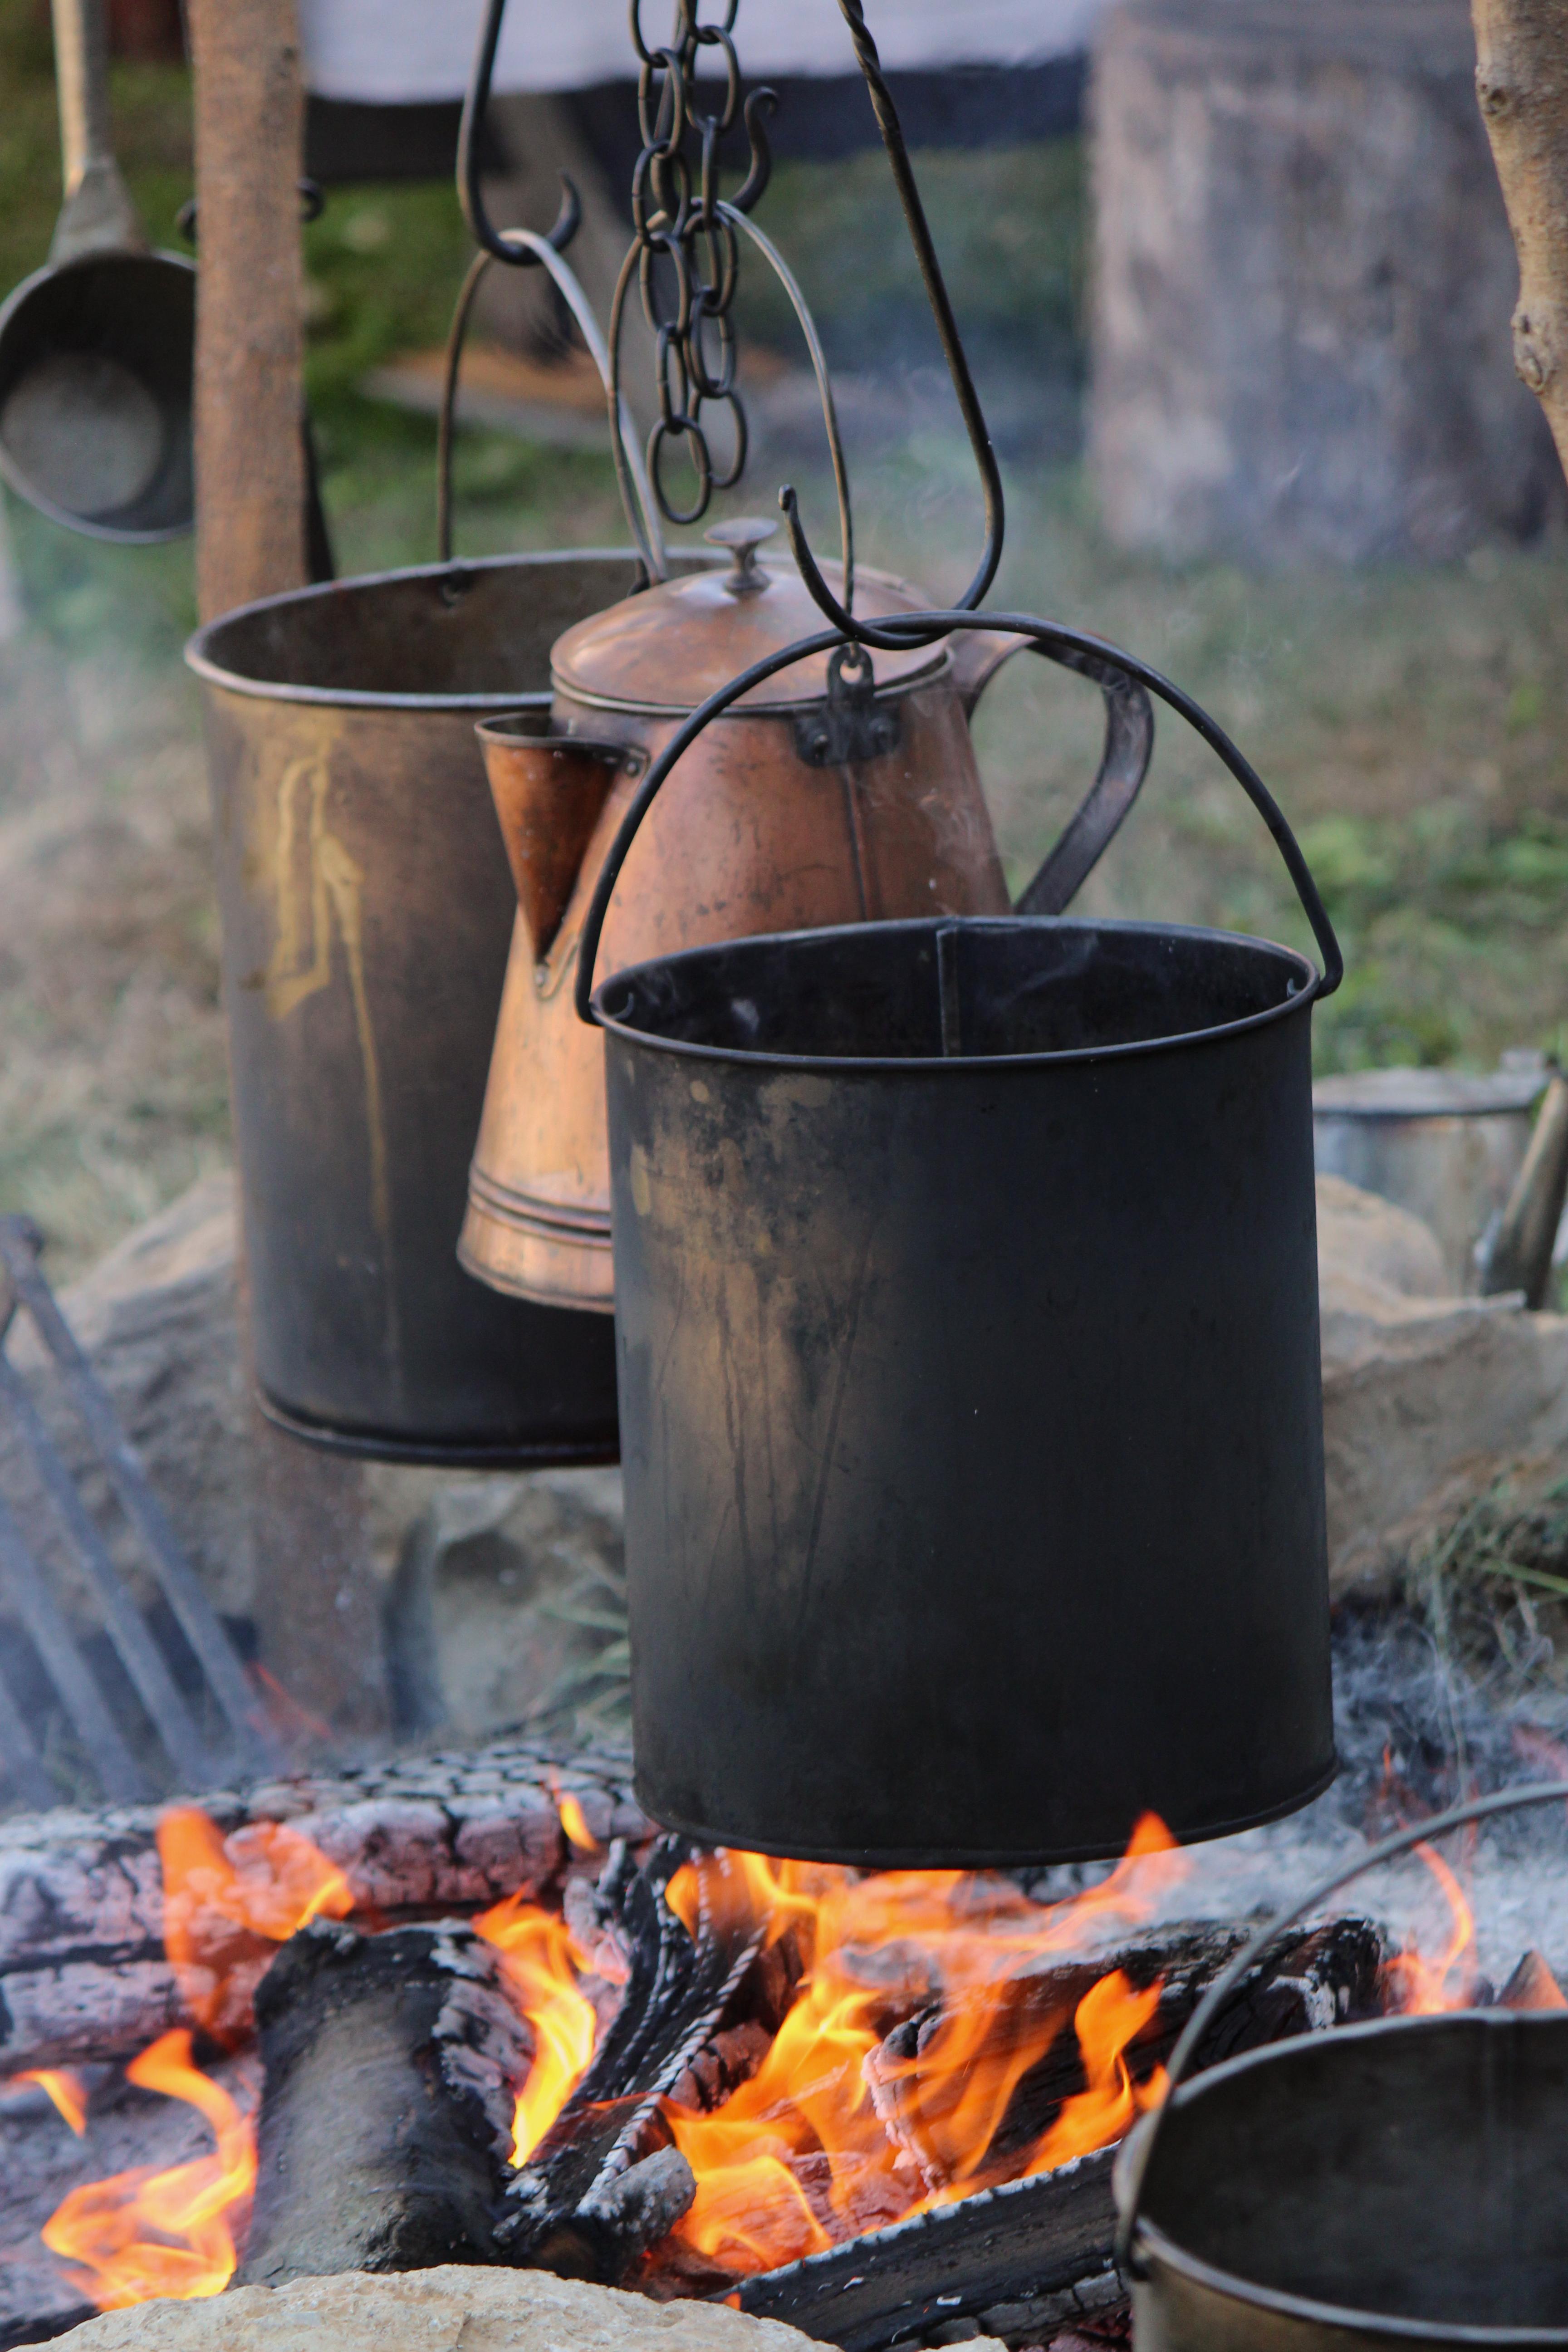 Fiori metalli e buona cucina tour nell 39 artigianato di for Kit utensili da cucina